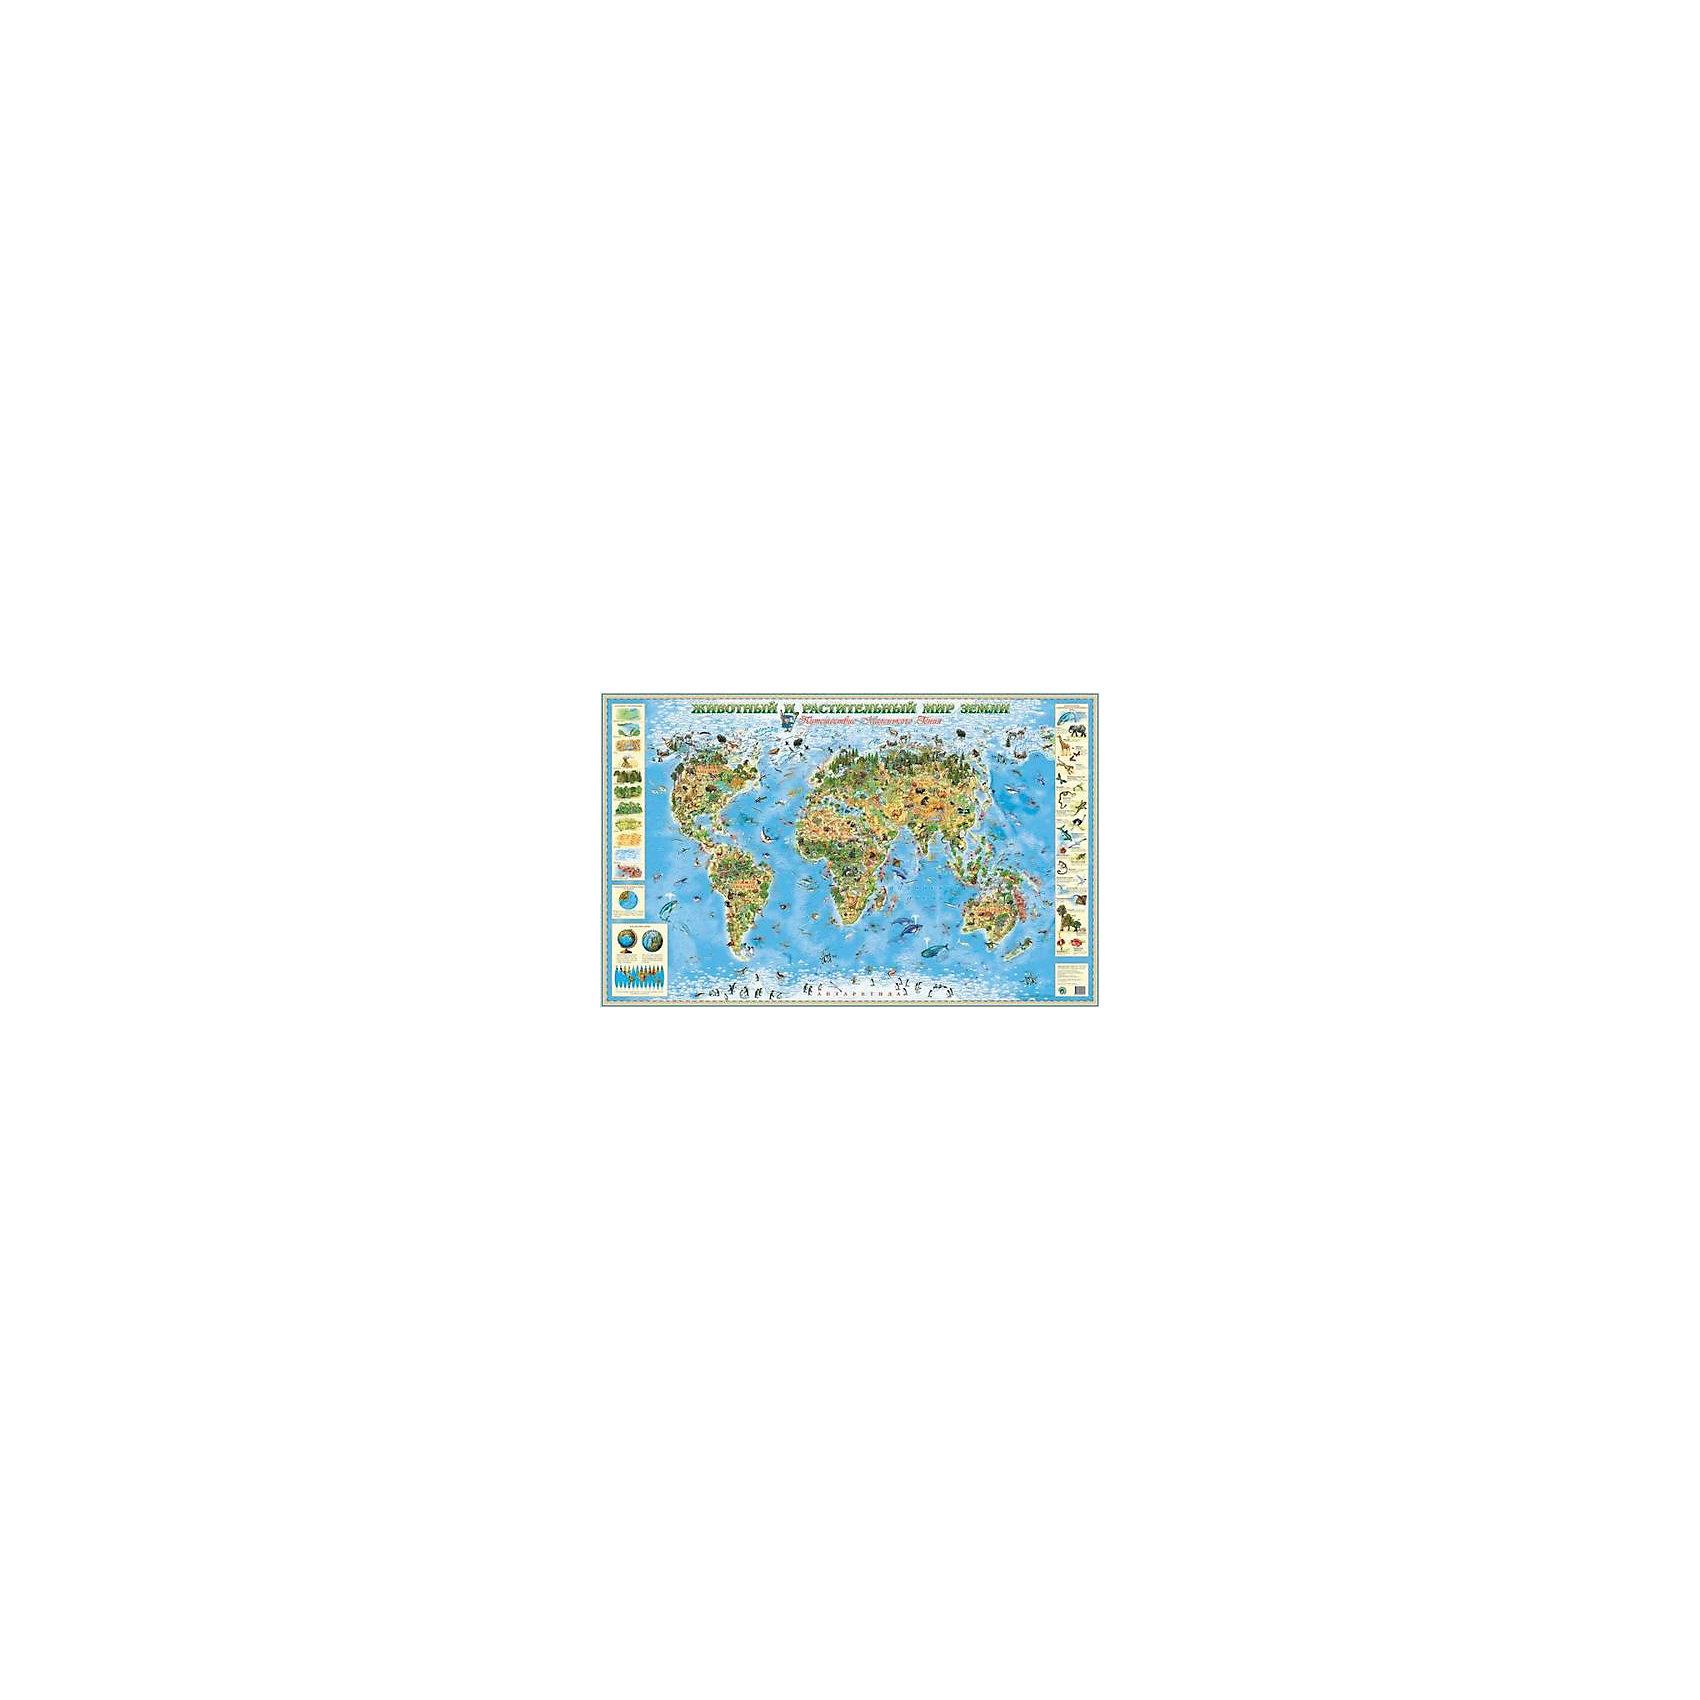 Карта Животный и растительный мир ЗемлиАтласы и карты<br>Первые географические пособия для малыша, которые познакомят его с многообразием и красотой окружающего мира. Особенностью этих карт является максимально точная научная информация, которая подается в яркой и привлекательной форме Оригинальные художественные иллюстрации дадут ребенку правильное представление о том, как выглядят те или иные объекты, а забавный игровой персонаж Маленький Гений превратит изучение карты в увлекательное путешествие.<br><br>Ширина мм: 1500<br>Глубина мм: 950<br>Высота мм: 2<br>Вес г: 400<br>Возраст от месяцев: 36<br>Возраст до месяцев: 192<br>Пол: Унисекс<br>Возраст: Детский<br>SKU: 4802965